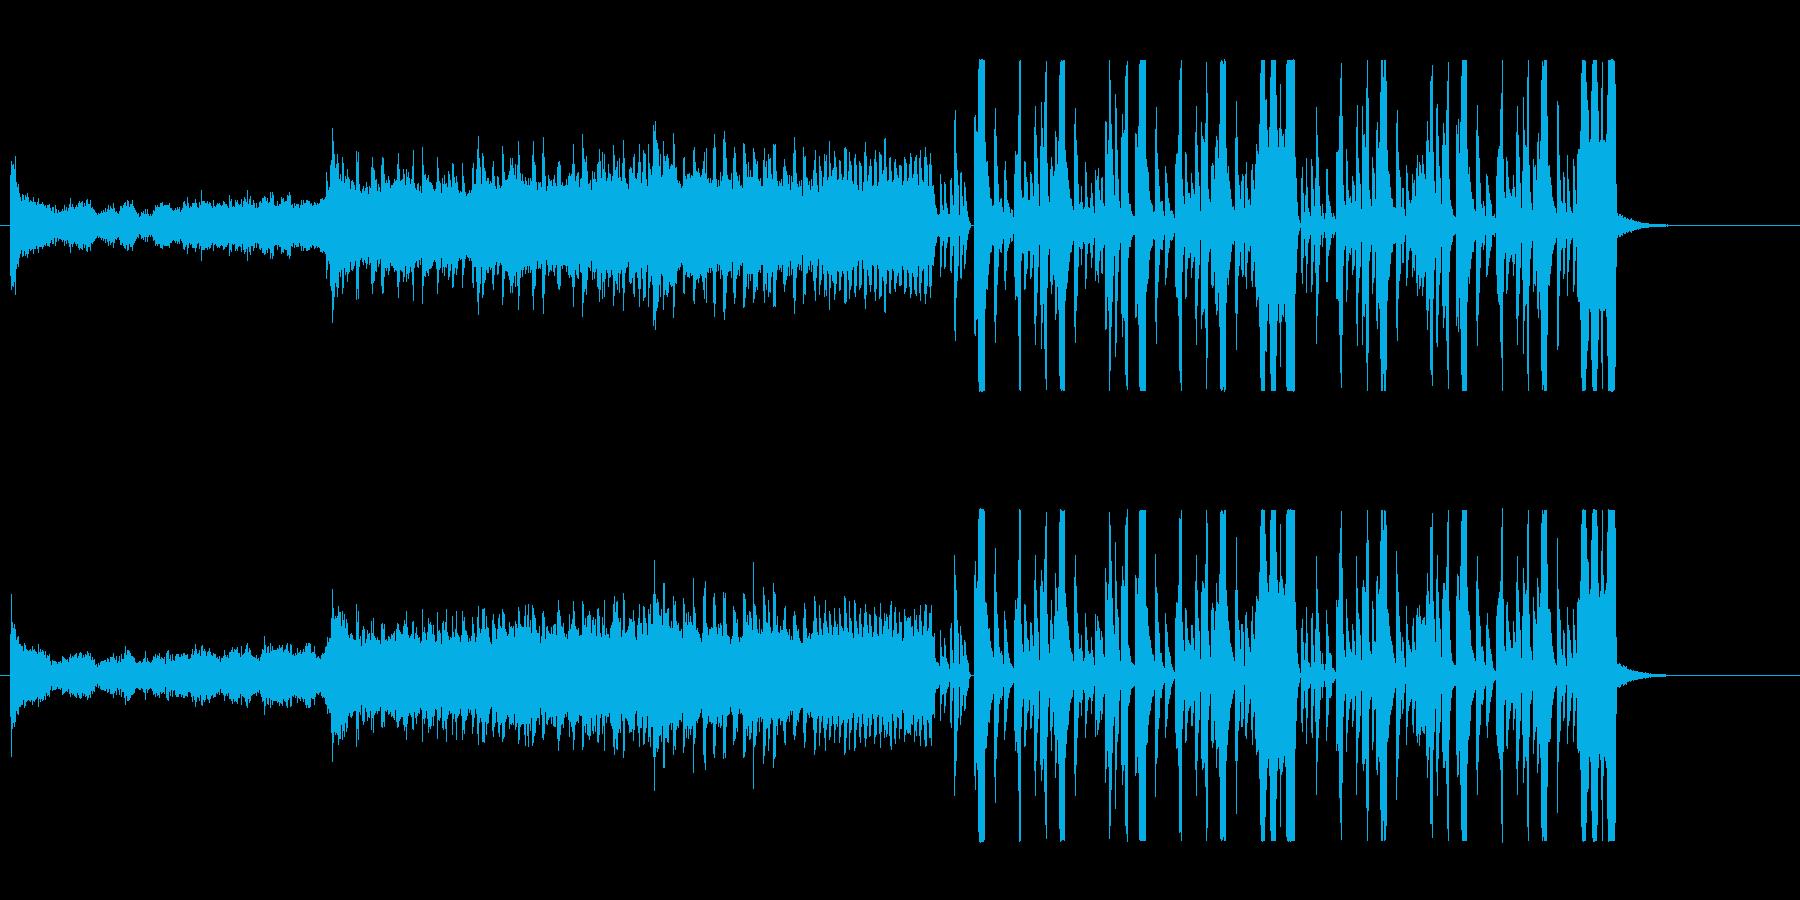 パンチのある変則ビートの再生済みの波形